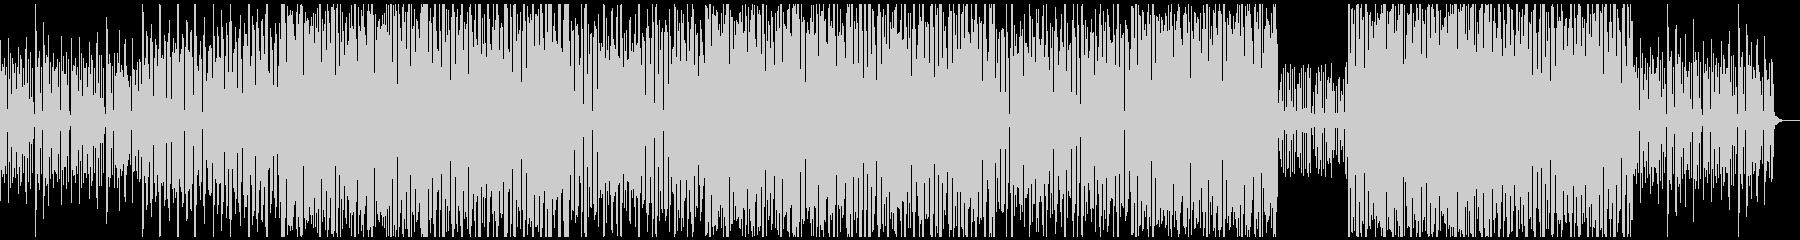 オシャレなBGMの未再生の波形